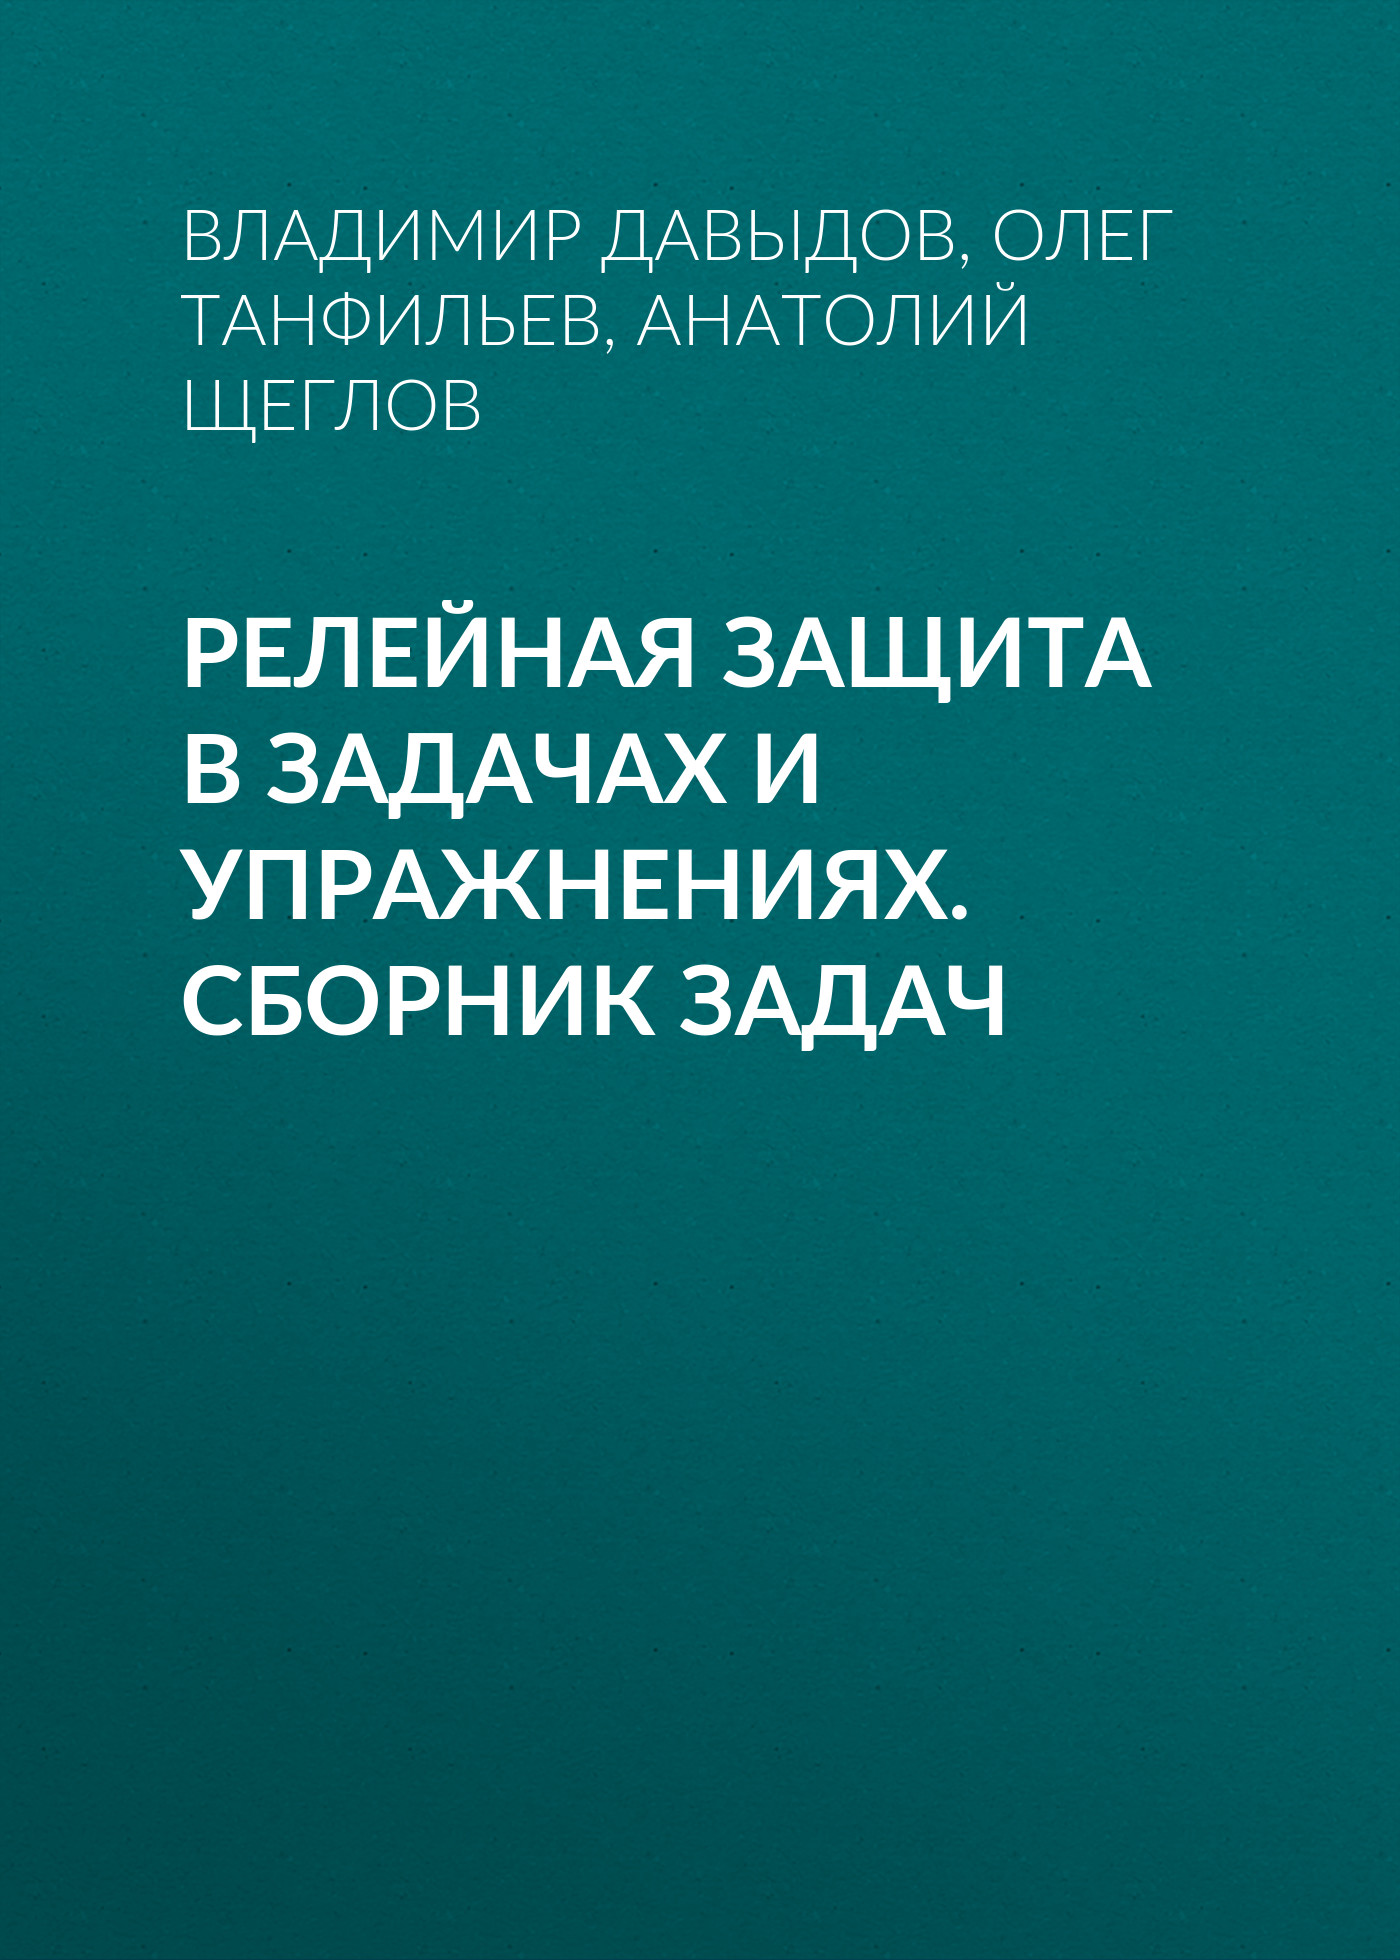 Анатолий Щеглов Релейная защита в задачах и упражнениях. Сборник задач анатолий гончар черновая работа